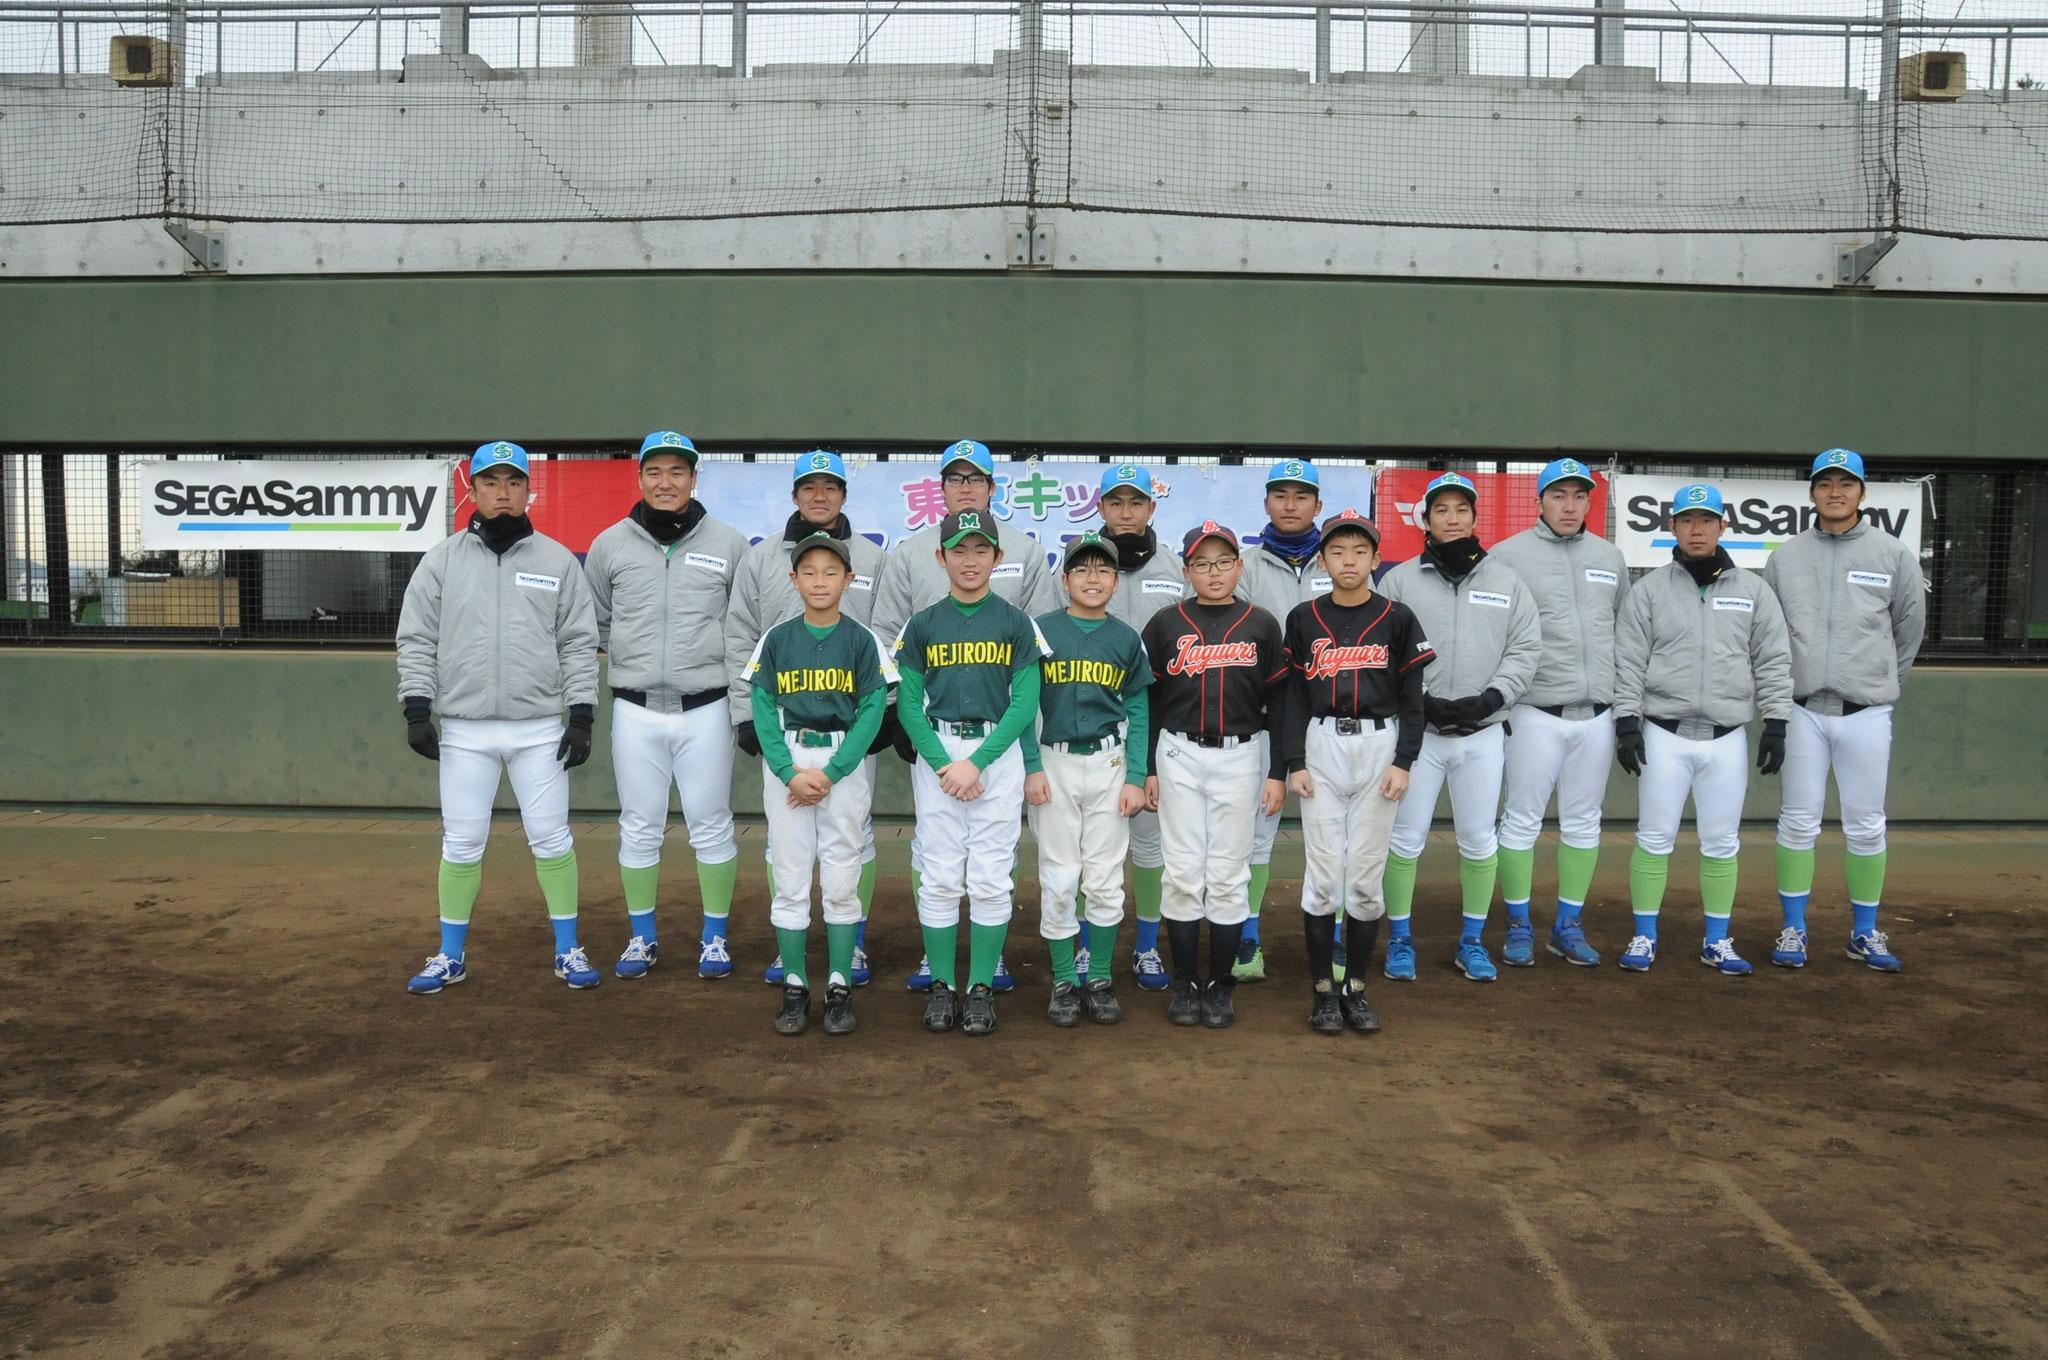 セガサミー野球教室